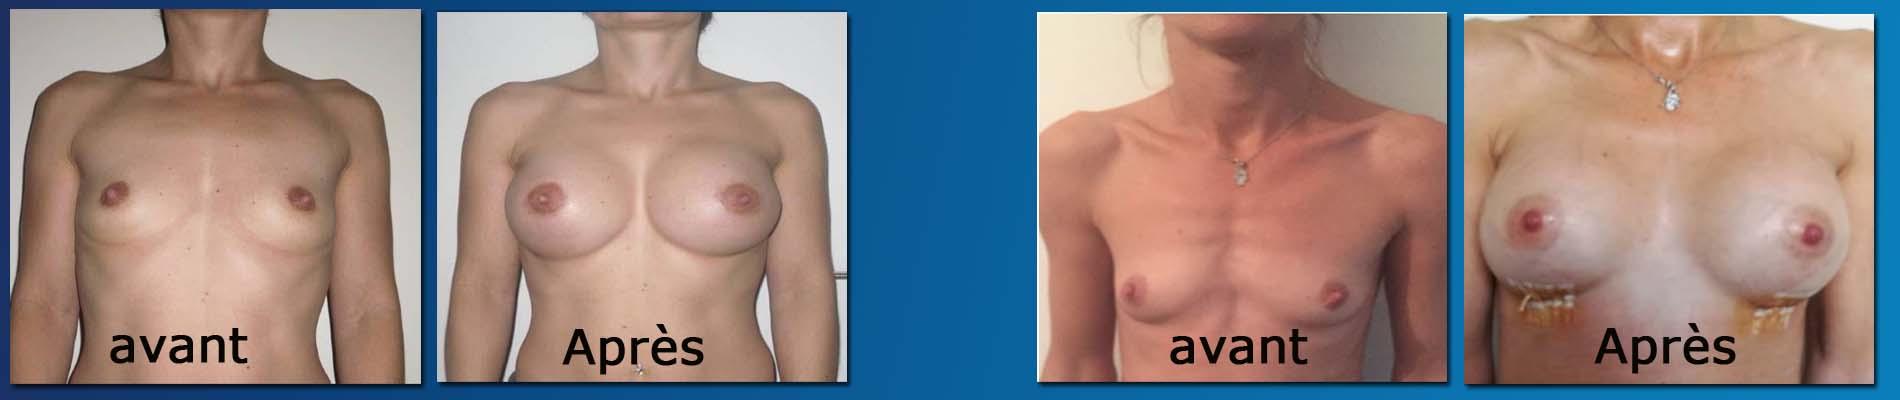 avant apres augmentation mammaire